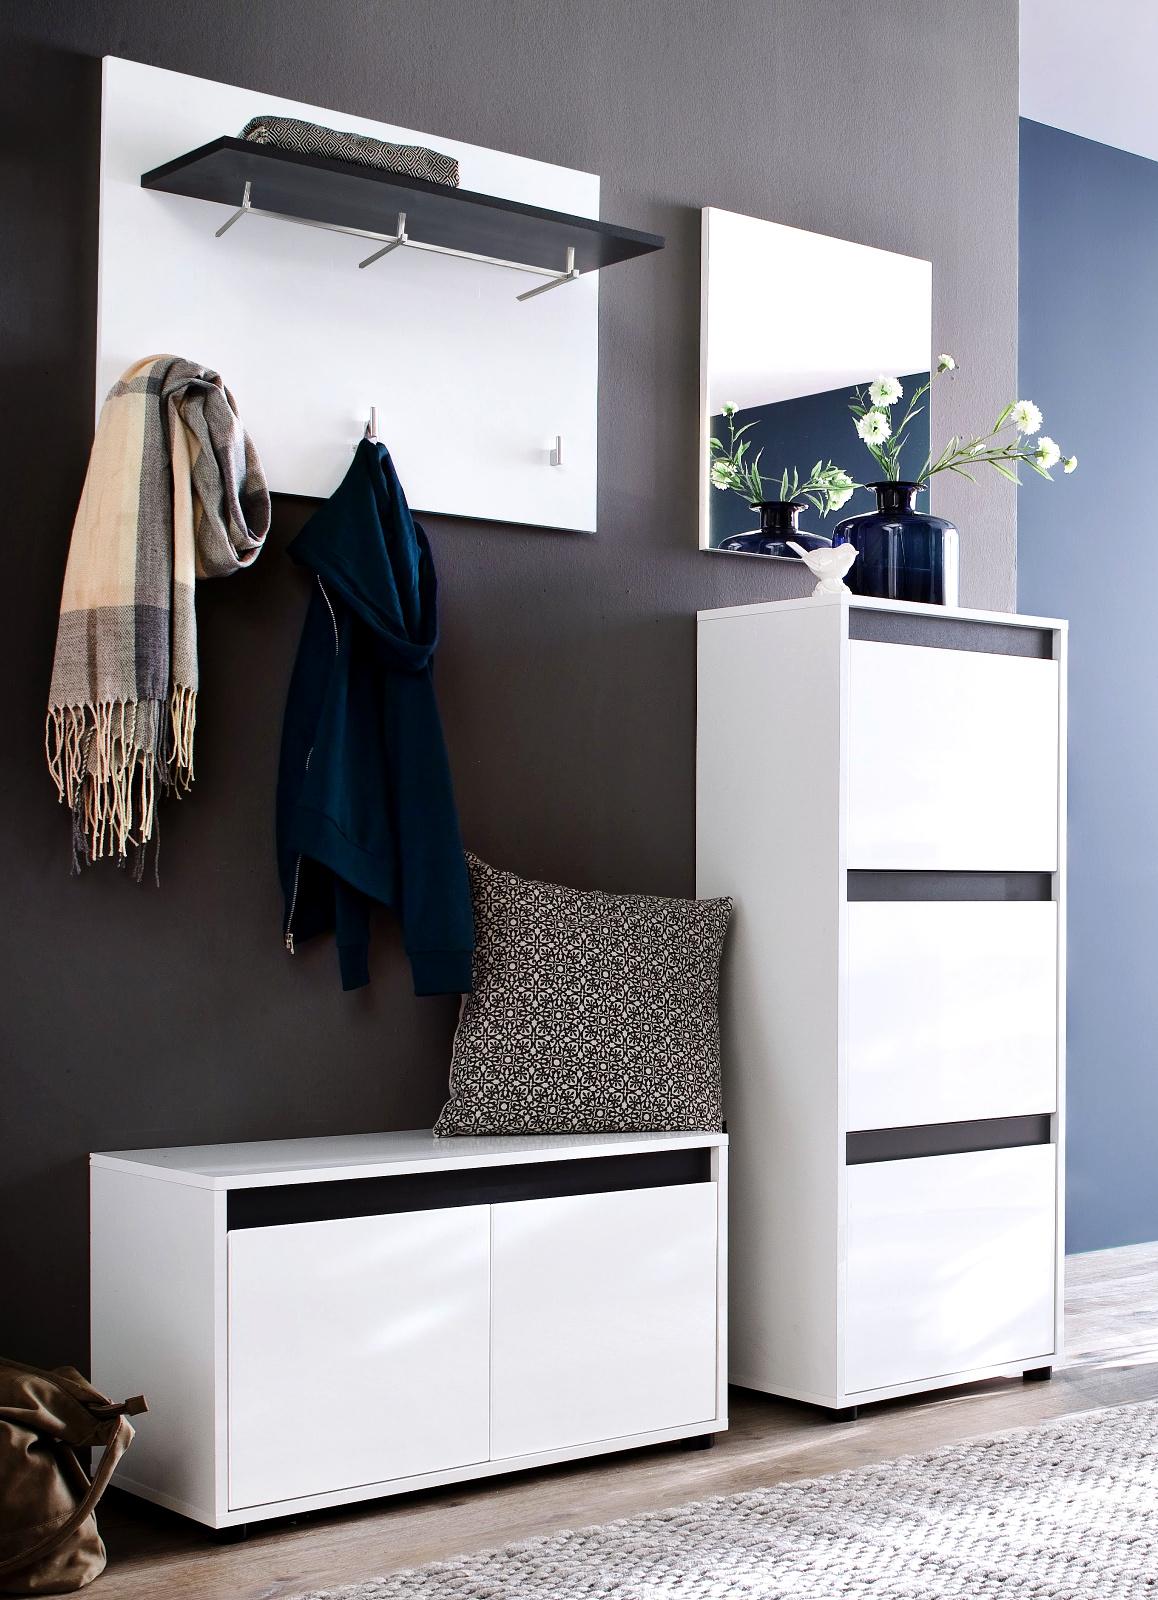 flur garderobe paneel sol lack hochglanz wei und grau. Black Bedroom Furniture Sets. Home Design Ideas